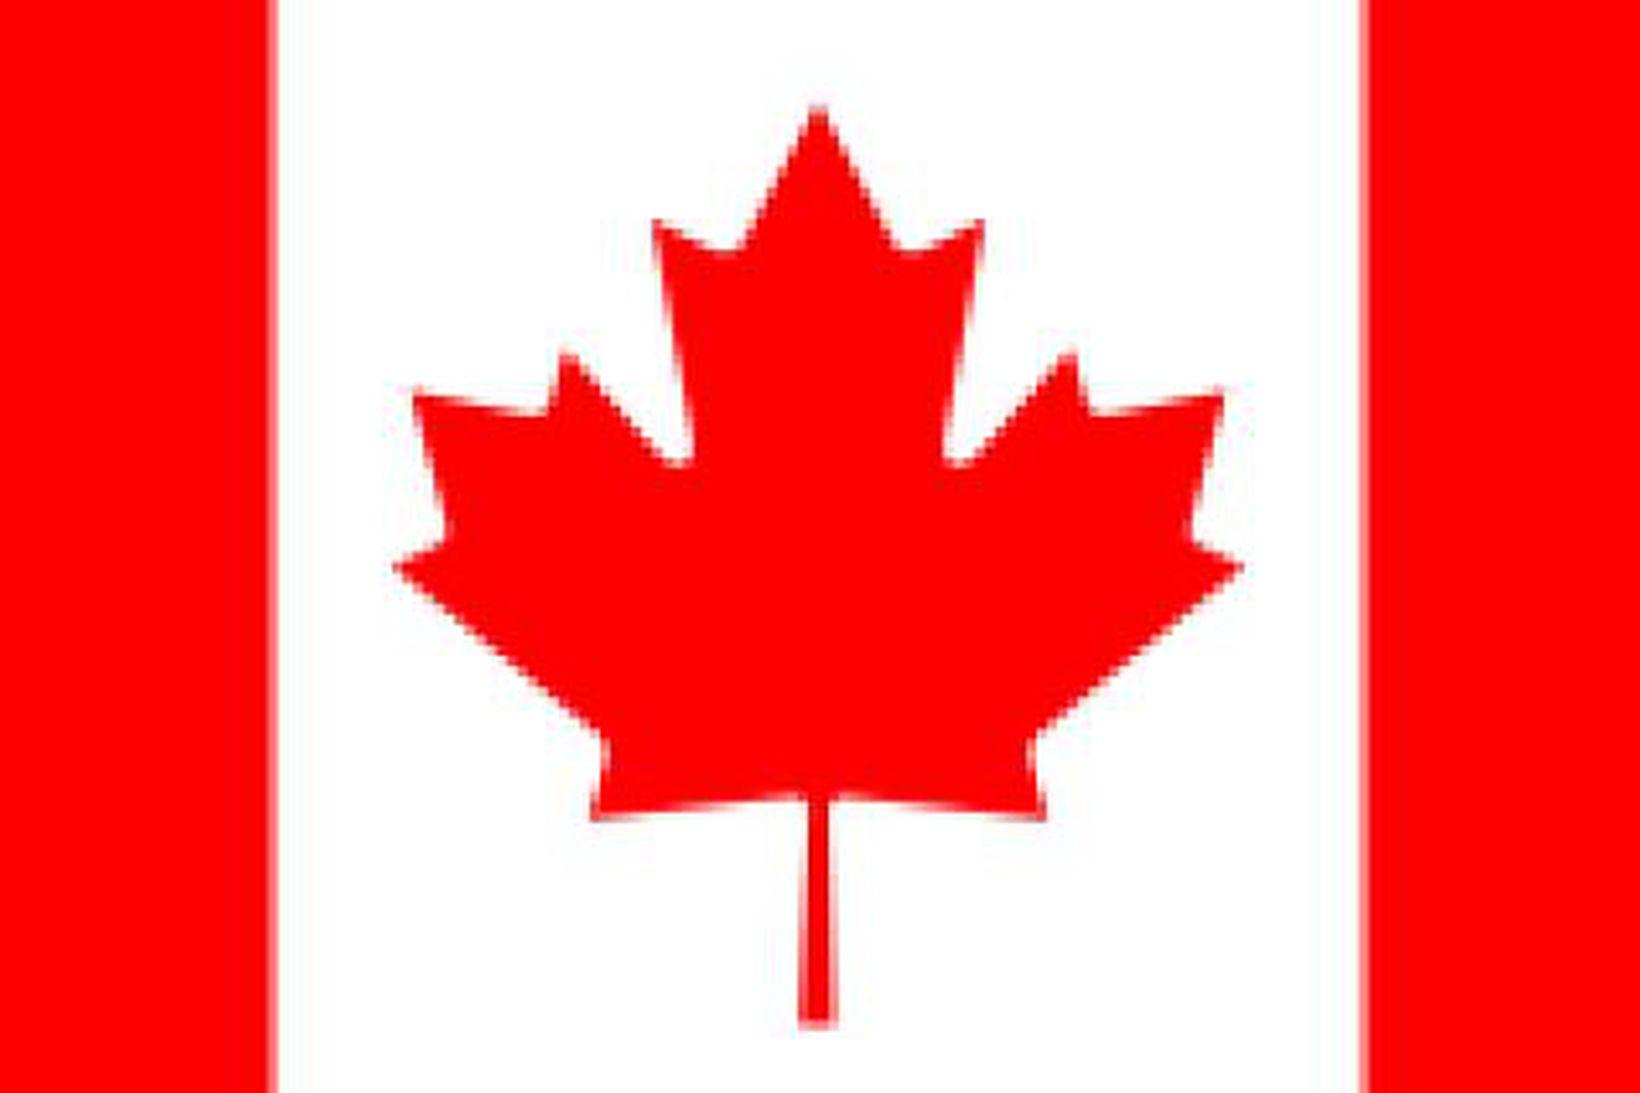 Fáni Kanada.